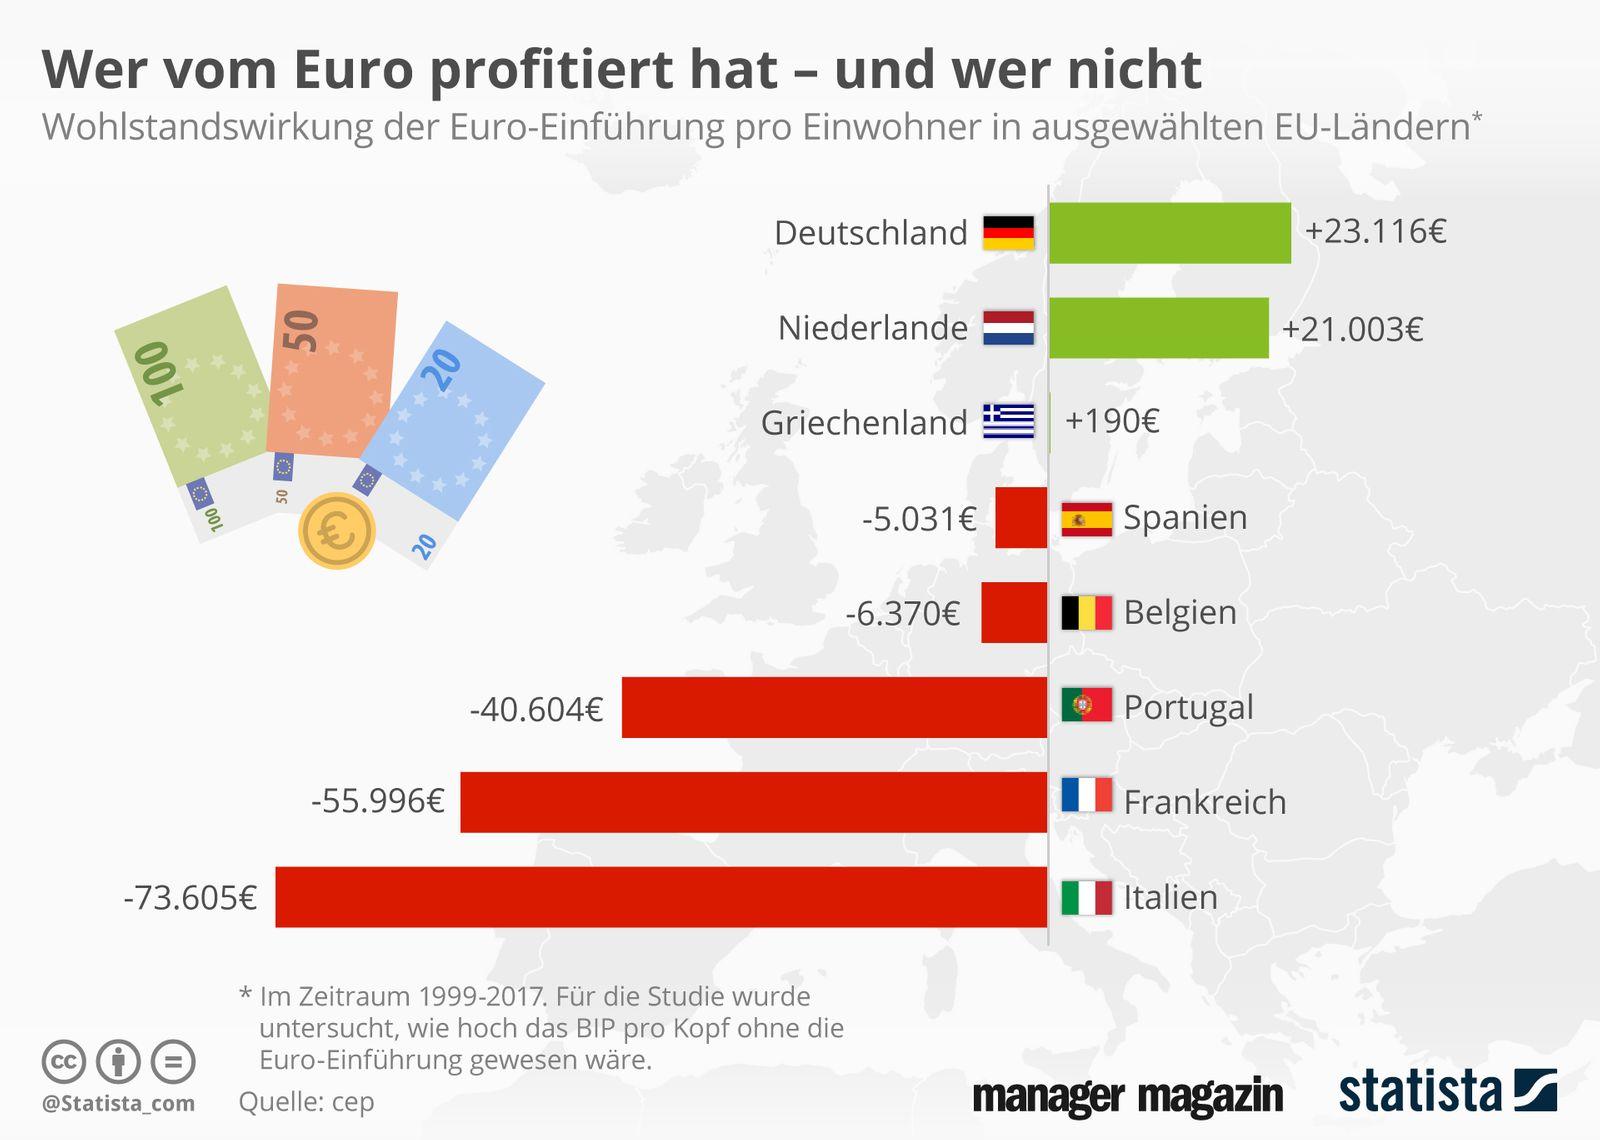 EINMALIGE VERWENDUNG Statista   Wer vom Euro profitiert hat und wer nicht